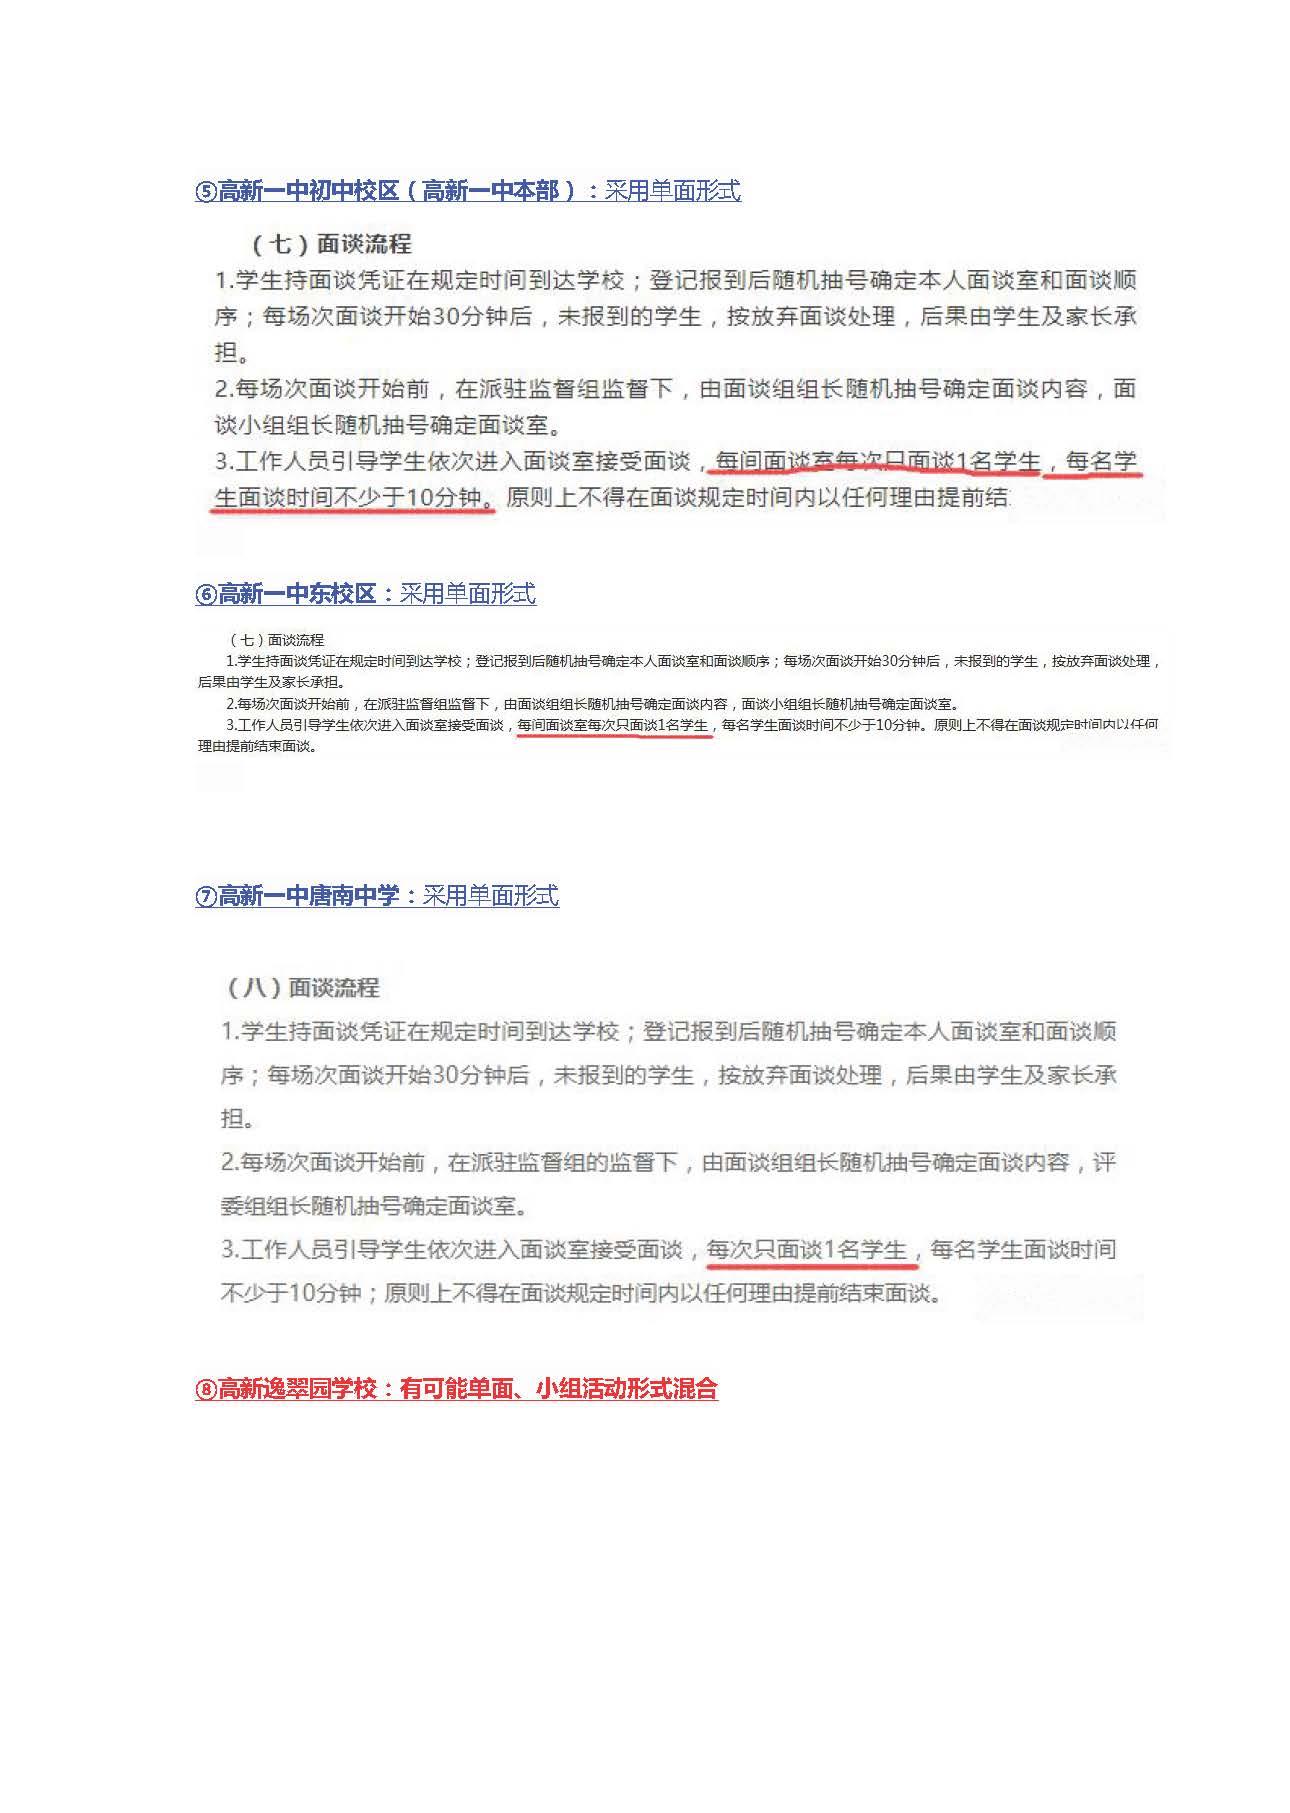 文字文稿1_页面_2.jpg